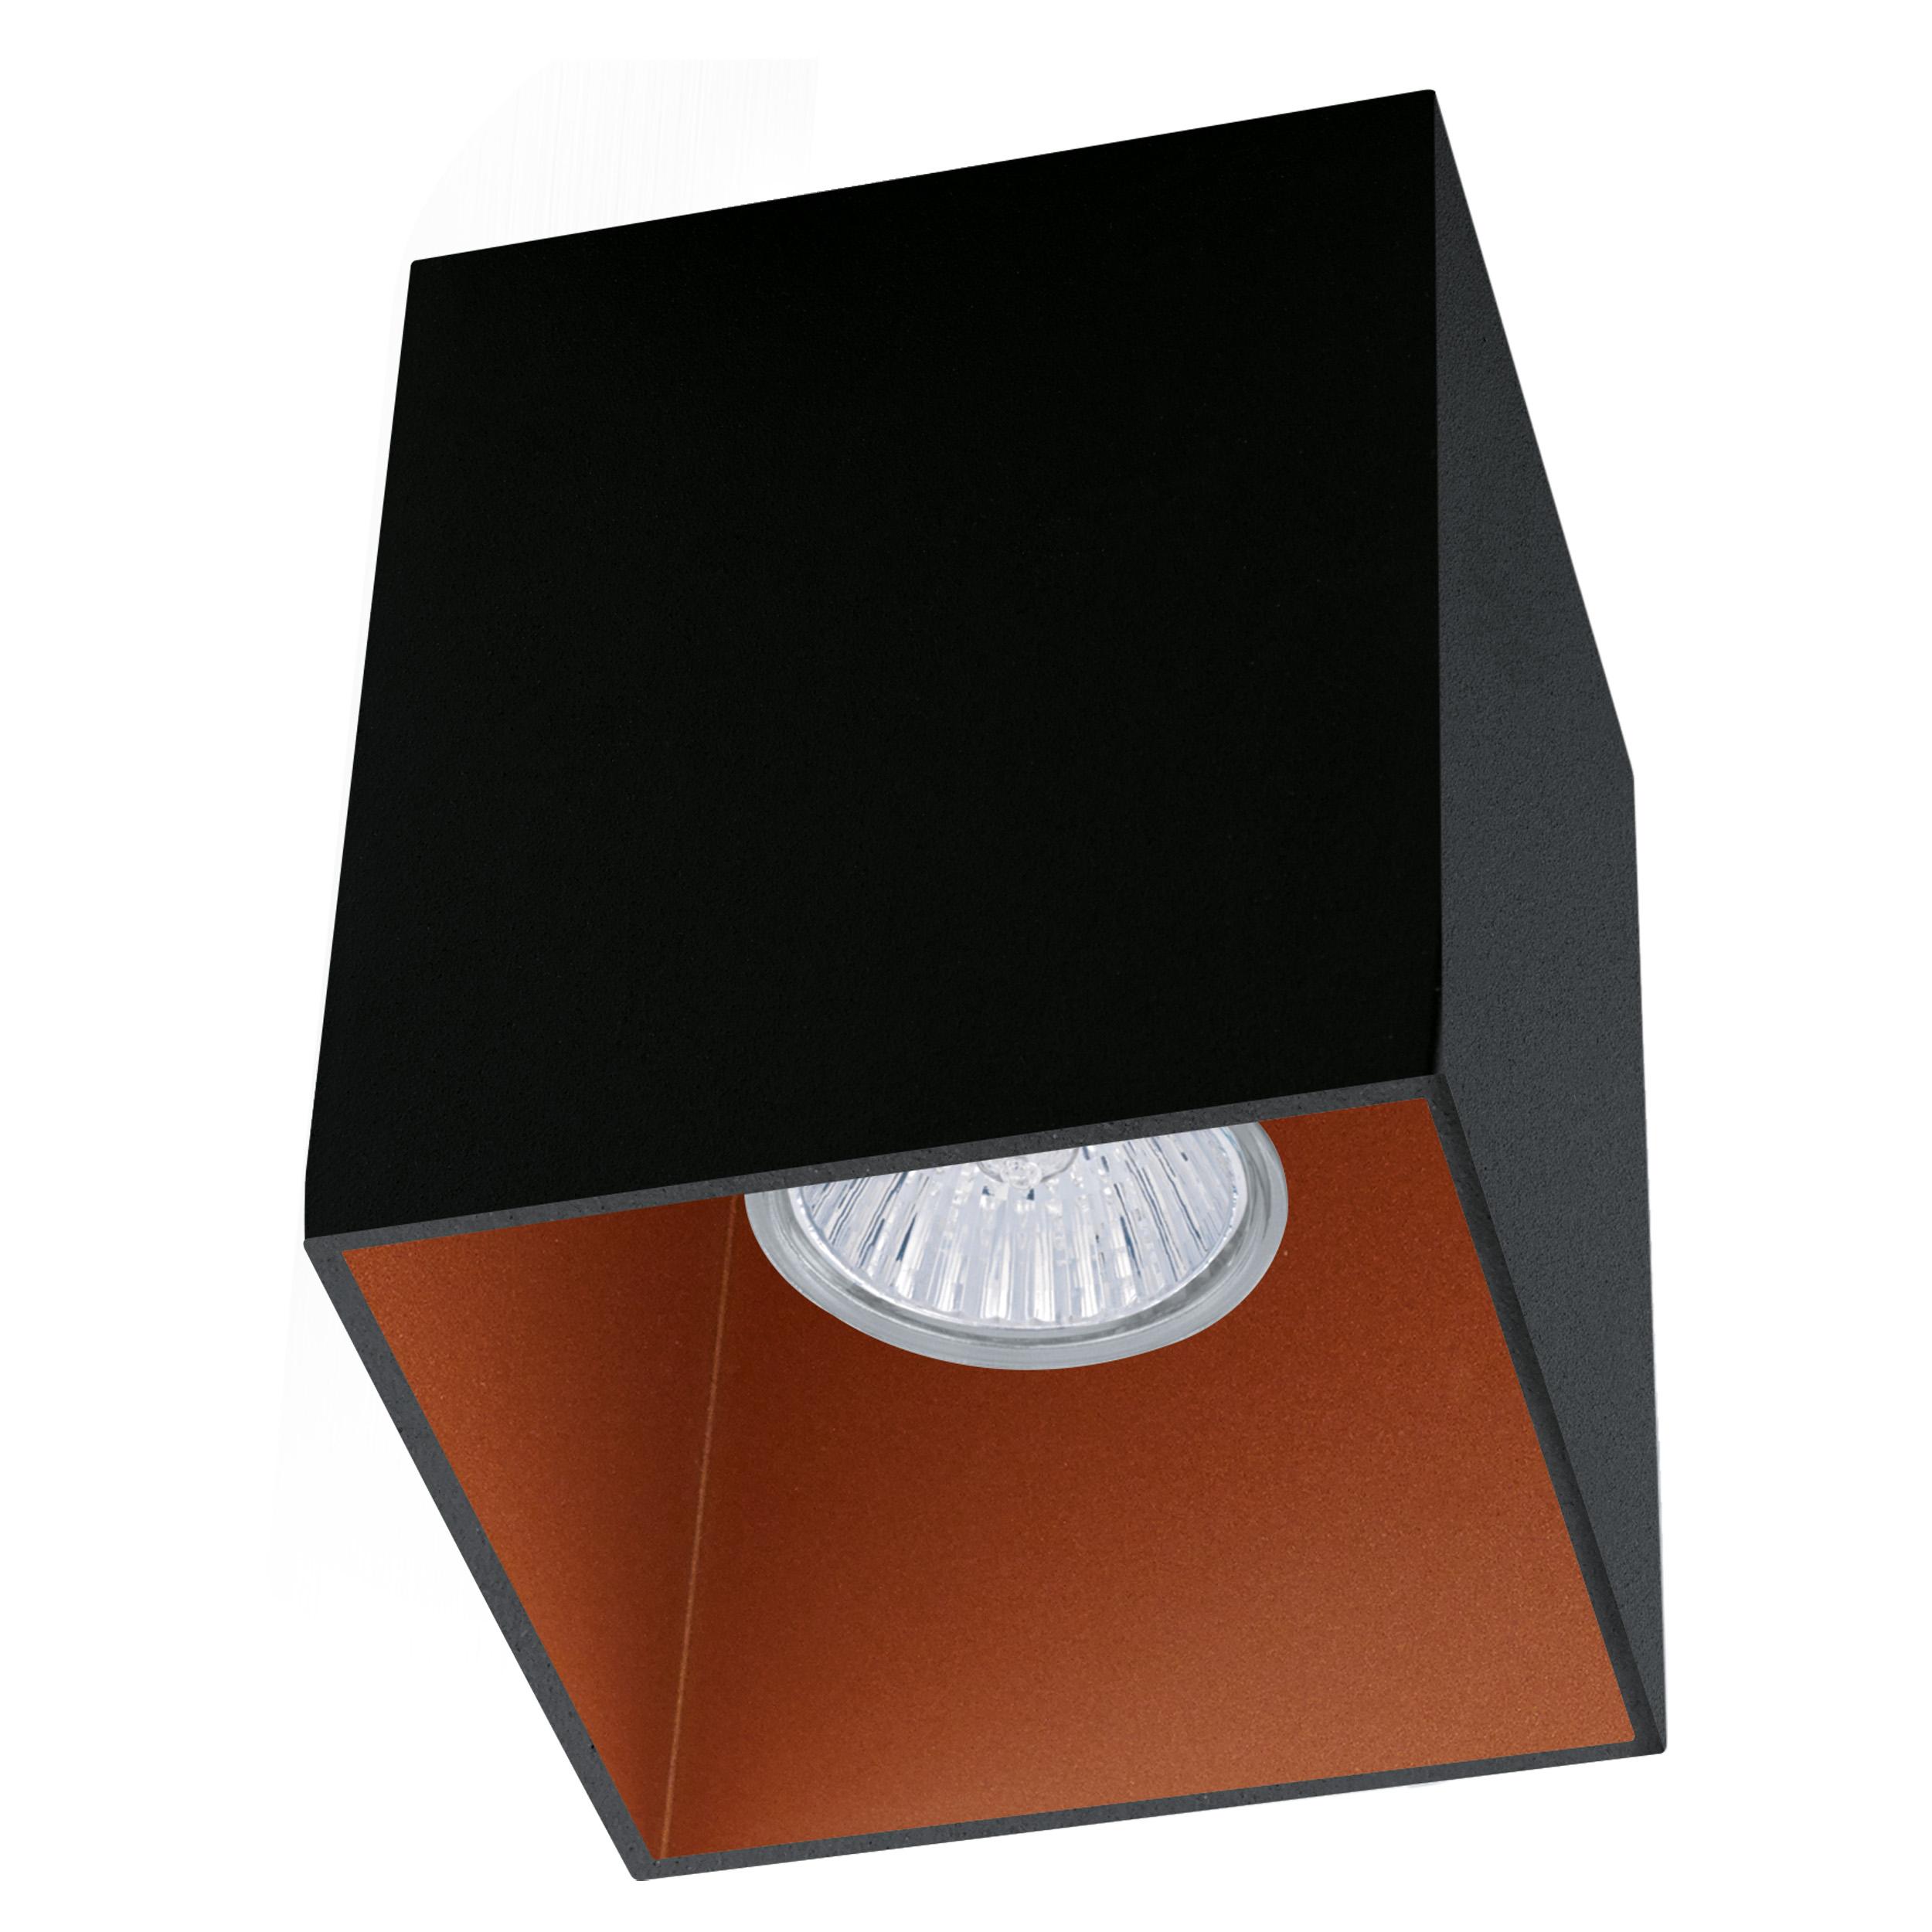 1 Stk Deckenleuchte Polasso eckig 35W schwarz / kupfer IP20 LI62257---